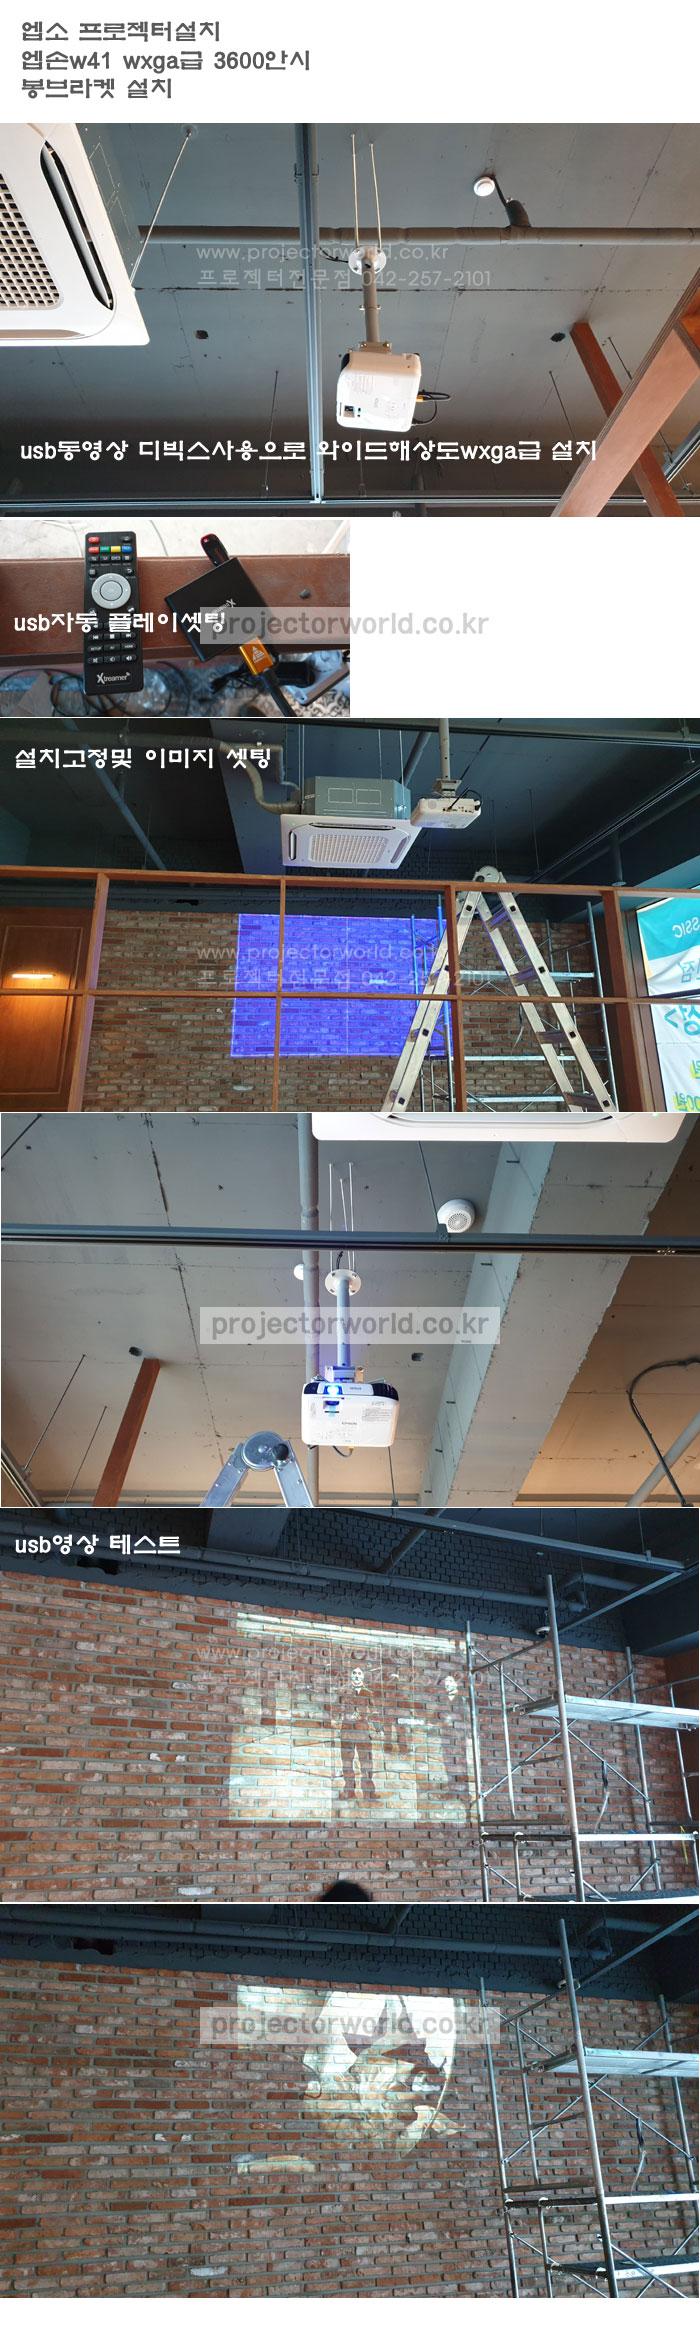 eb-w41,대전프로젝터,usb영상빔설치,